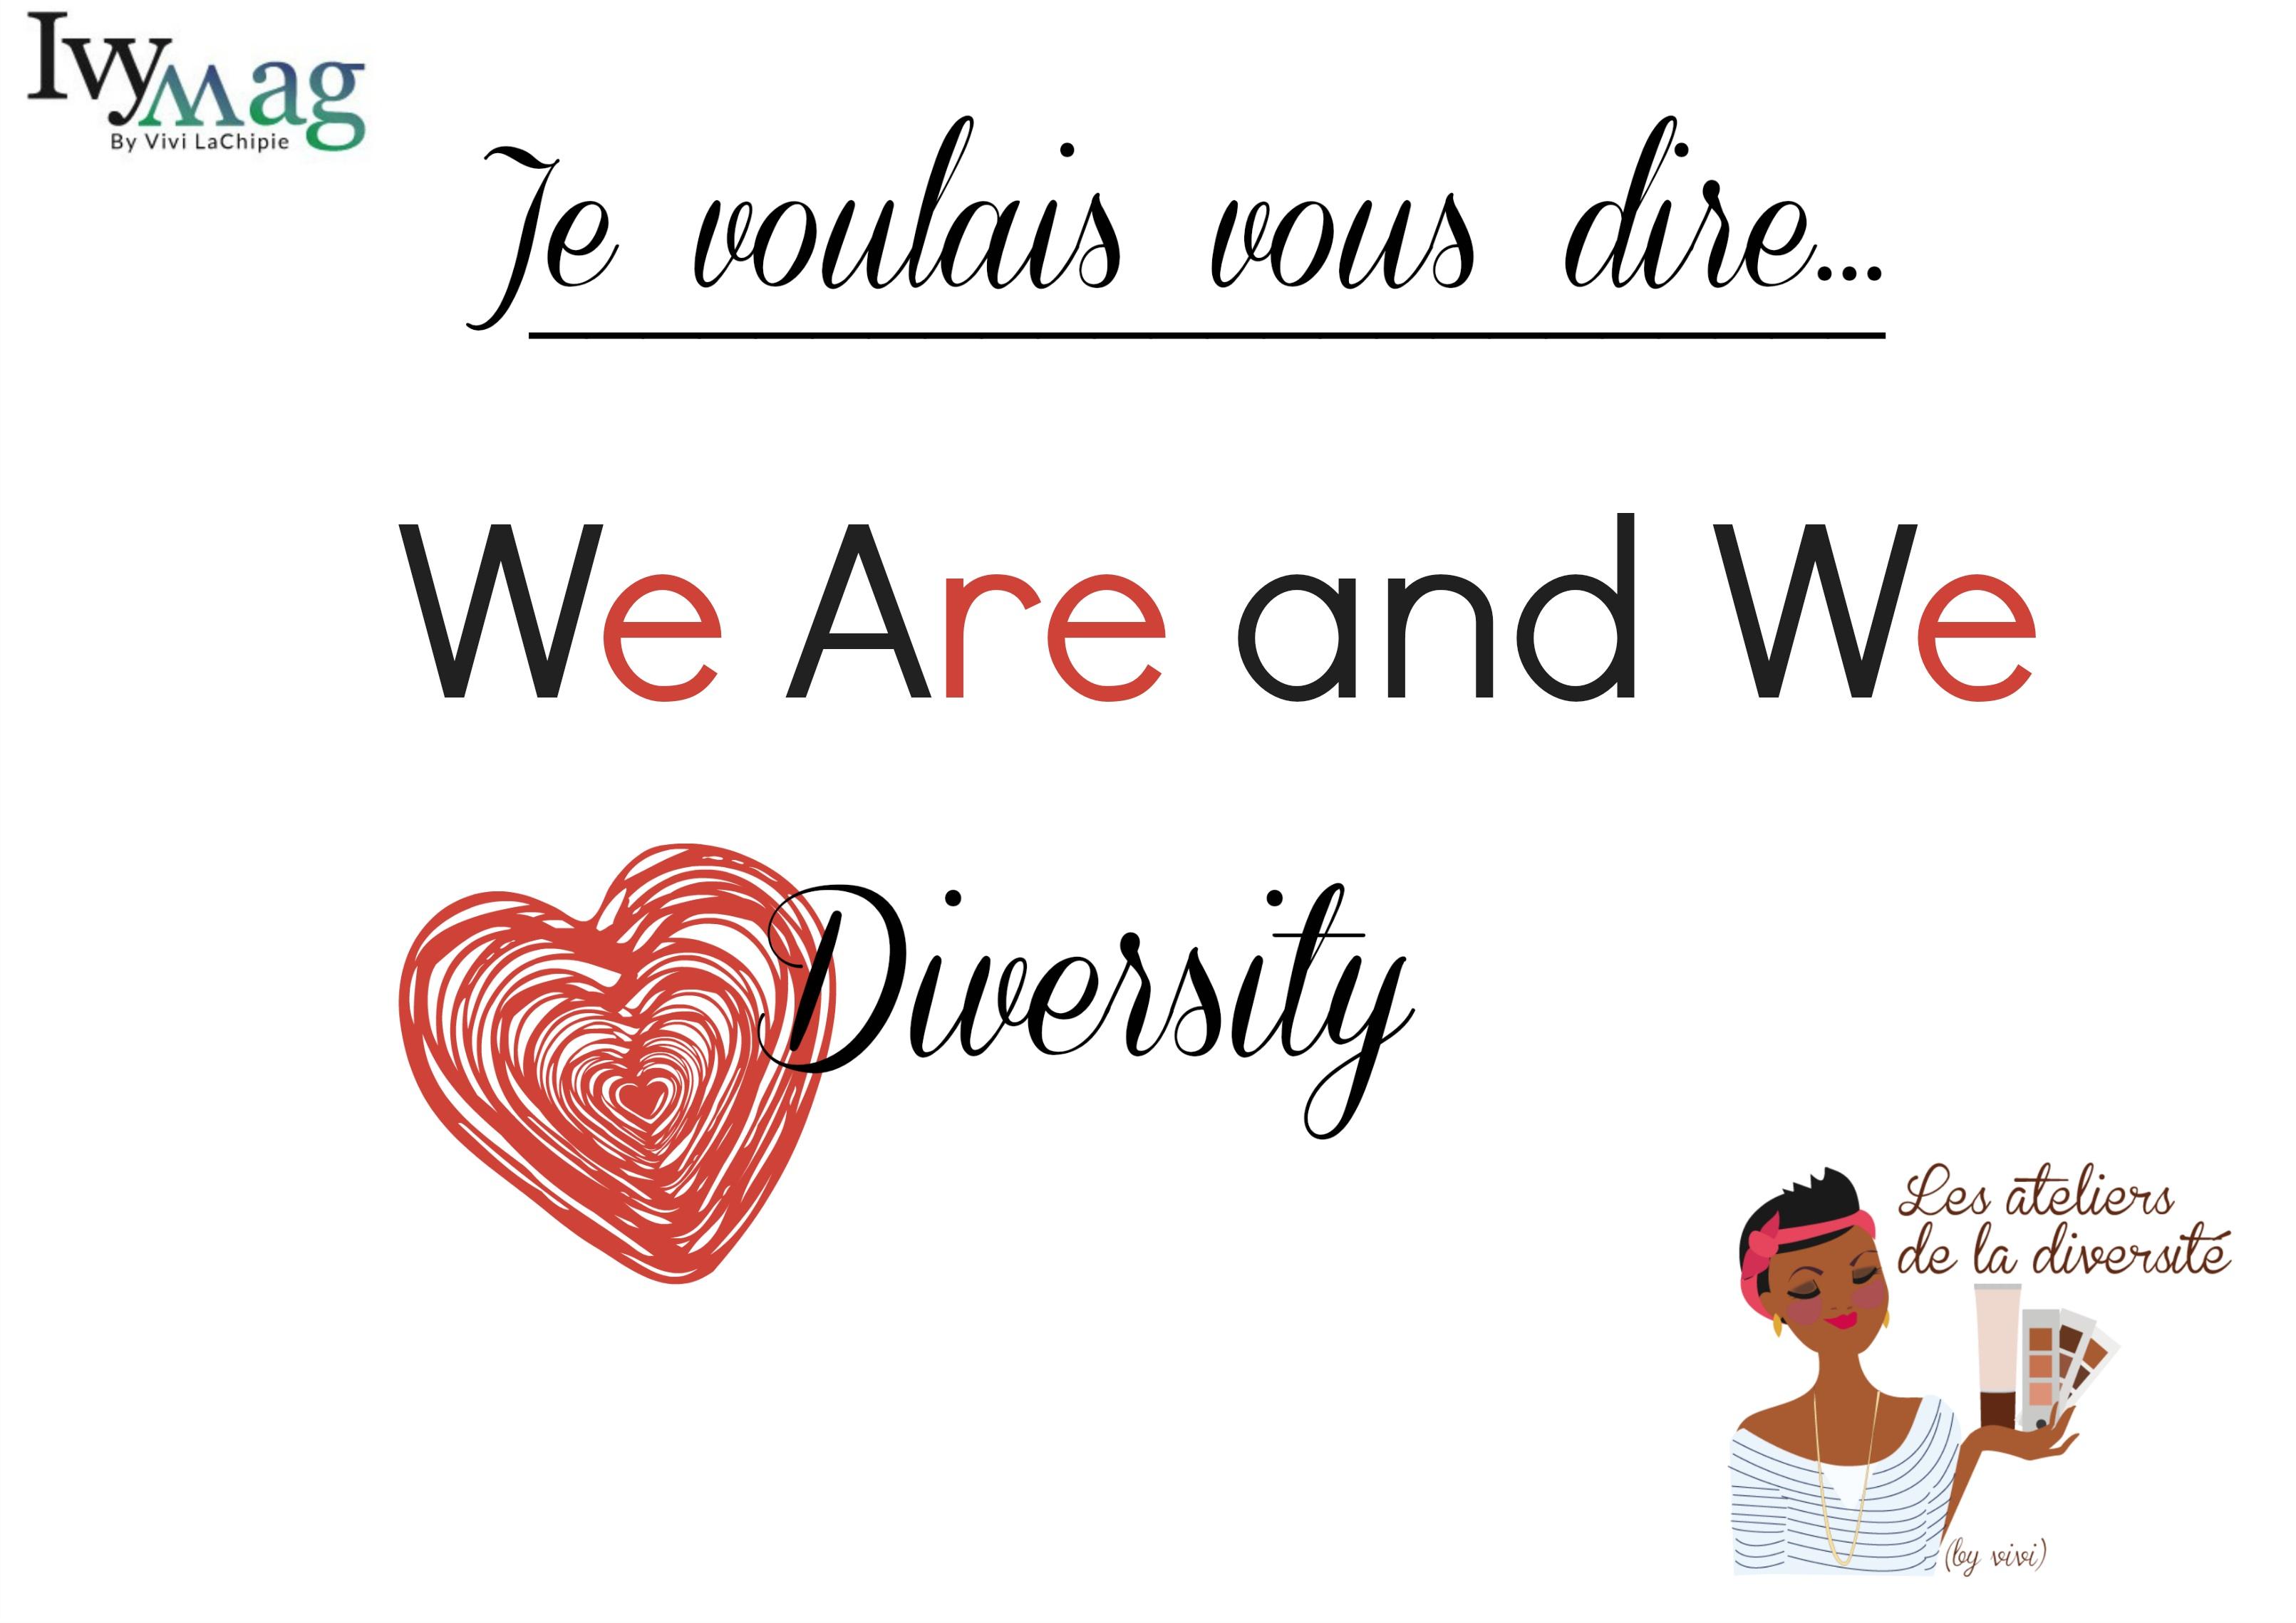 atelier_diversité_we_are